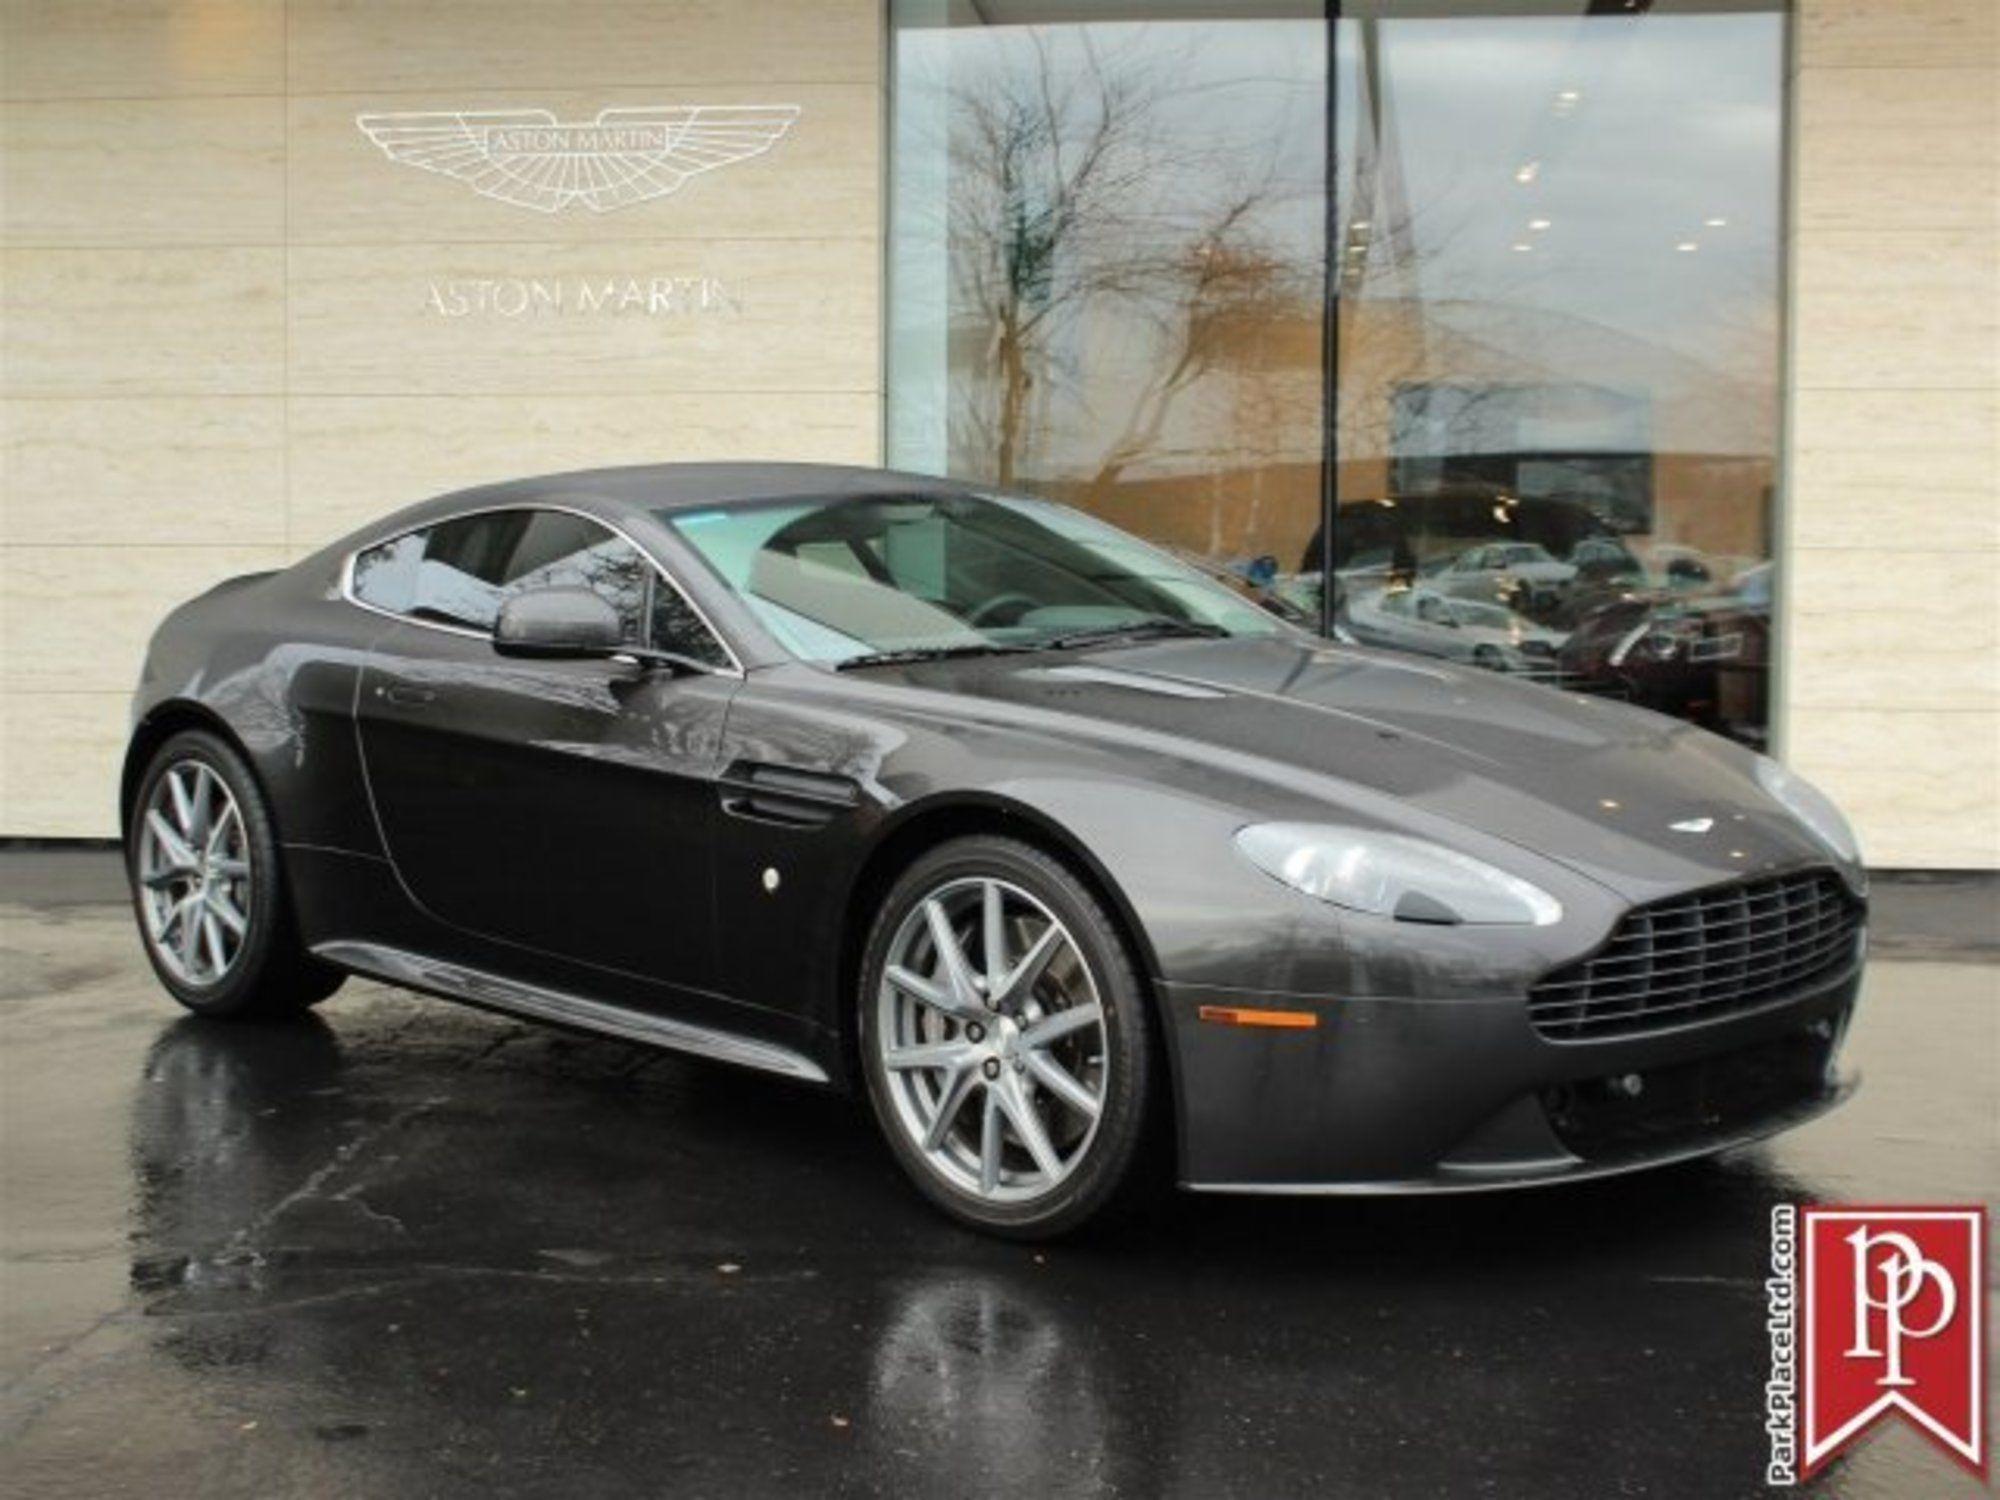 Aston Martin V8 Vantage S British sports cars Pinterest